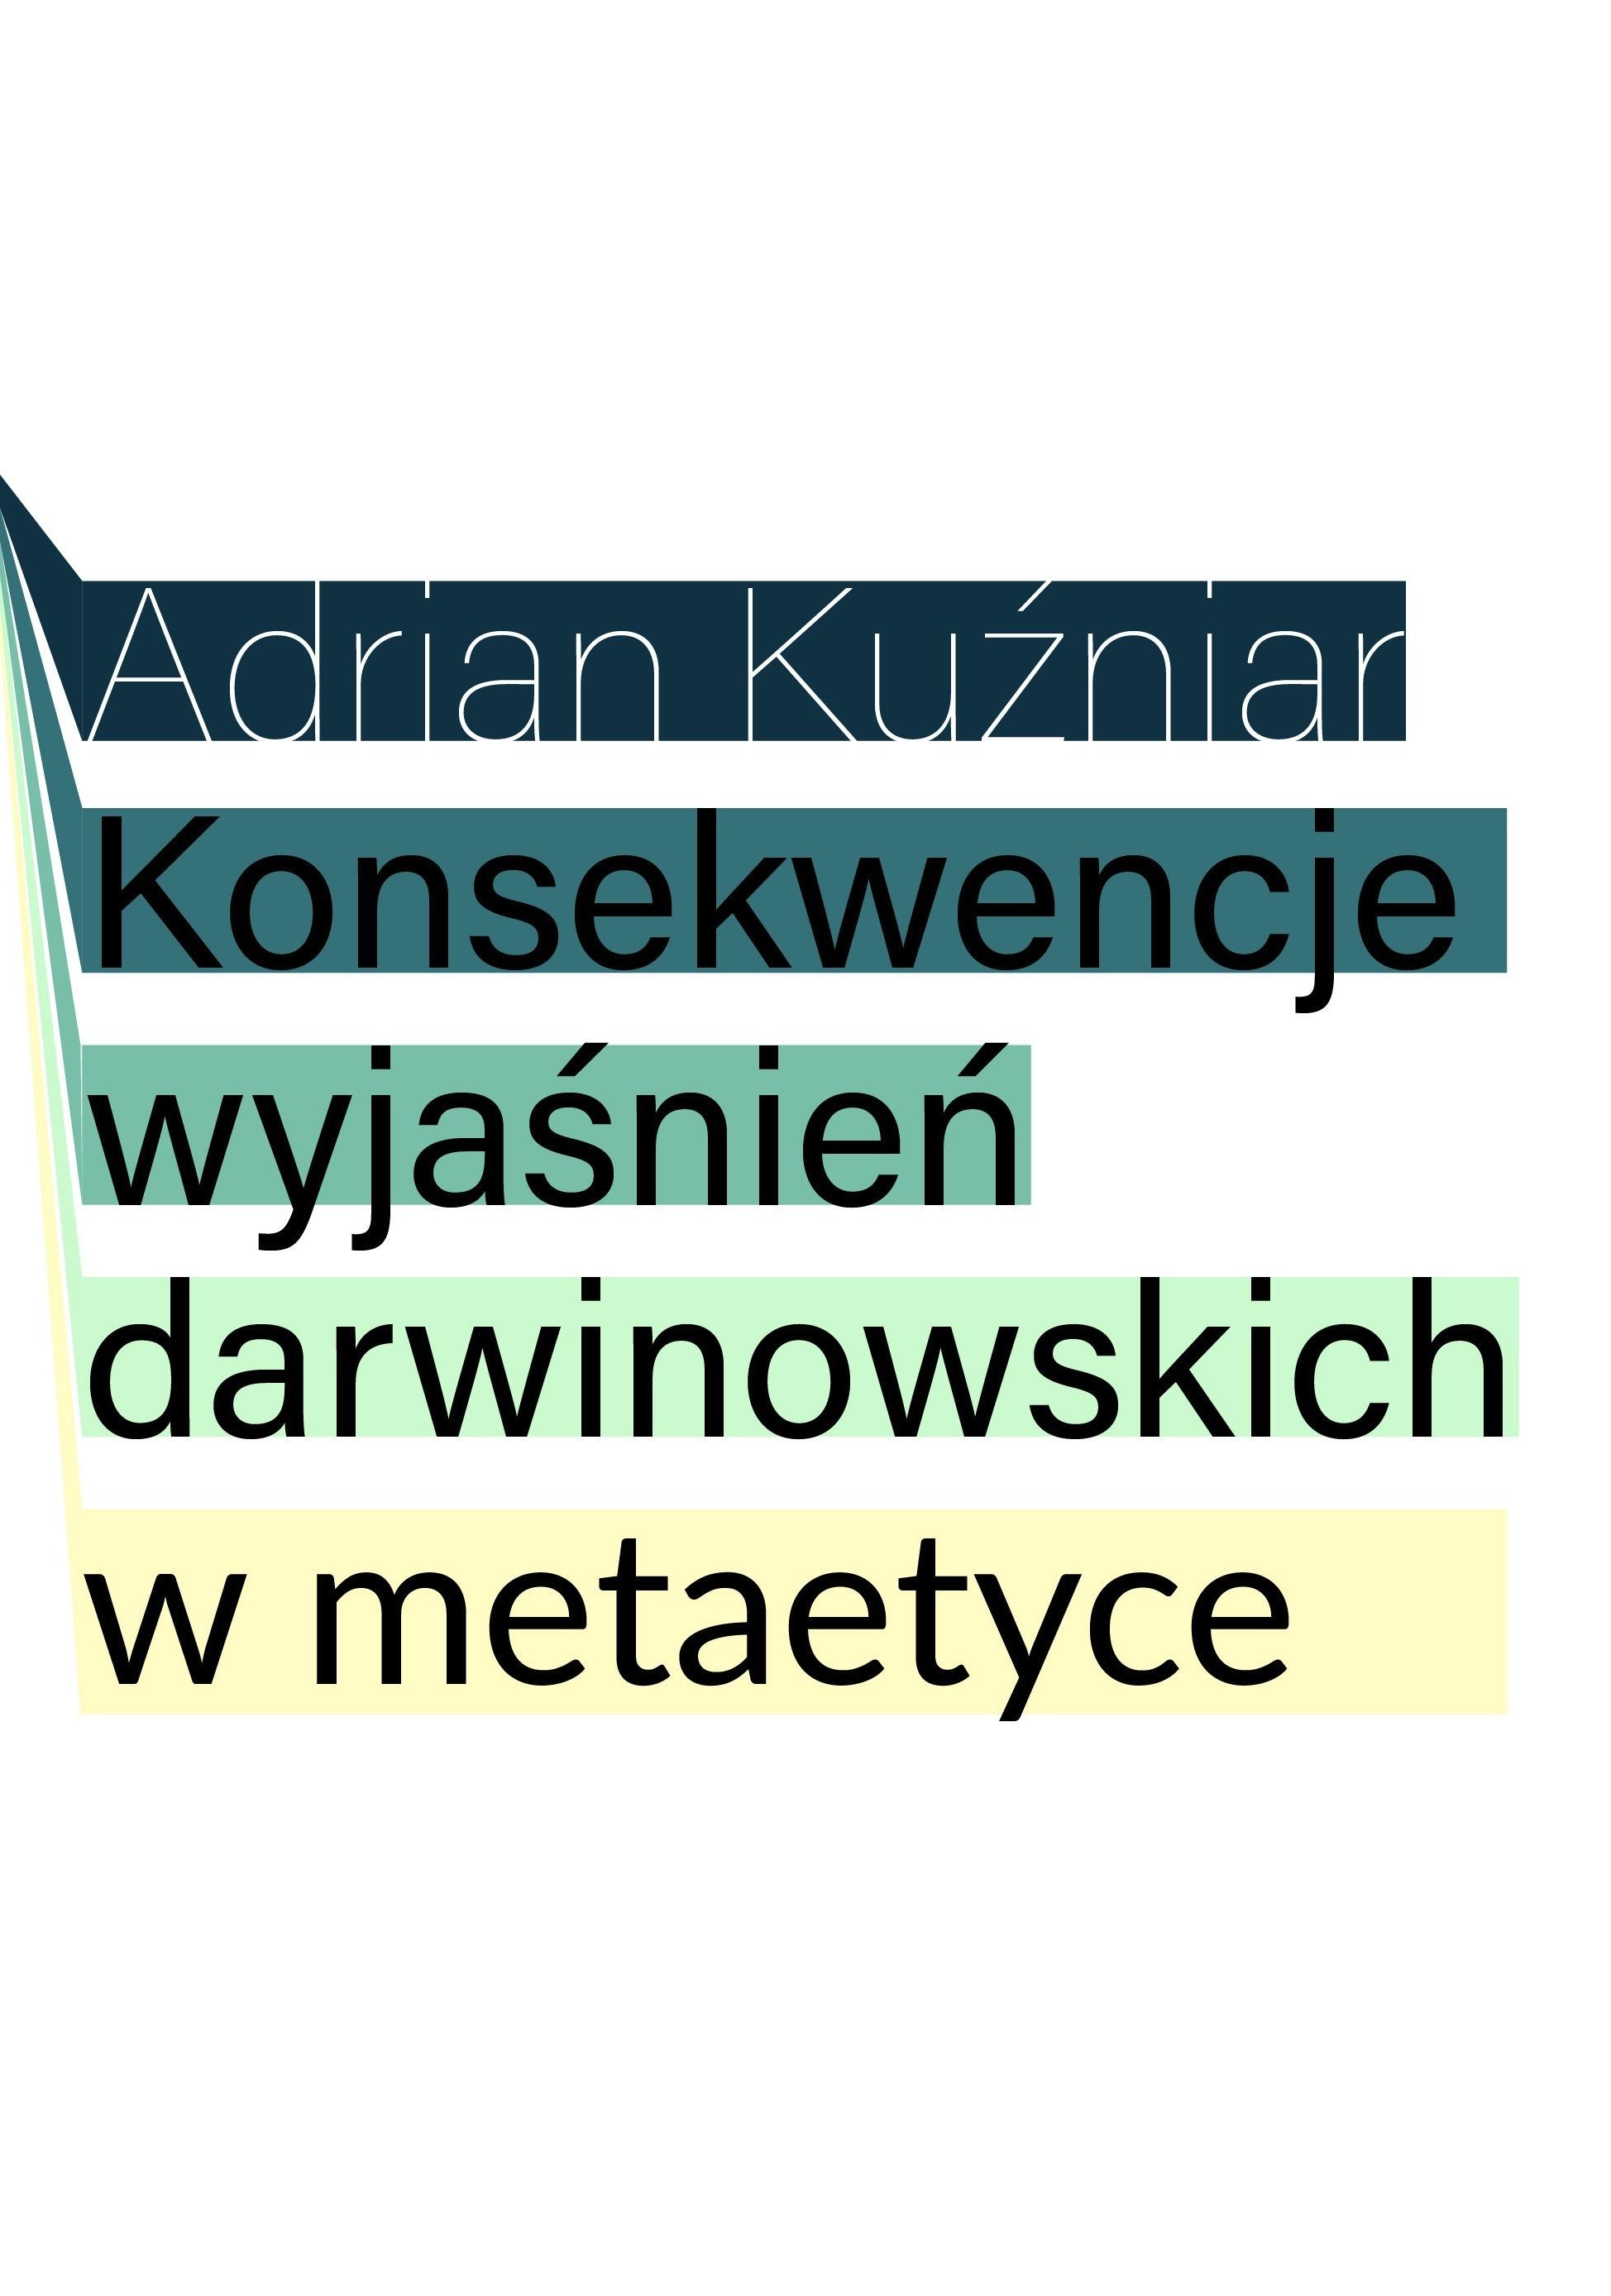 Konsekwencje wyjaśnień darwinowskich wmetaetyce – Adrian Kuźniar